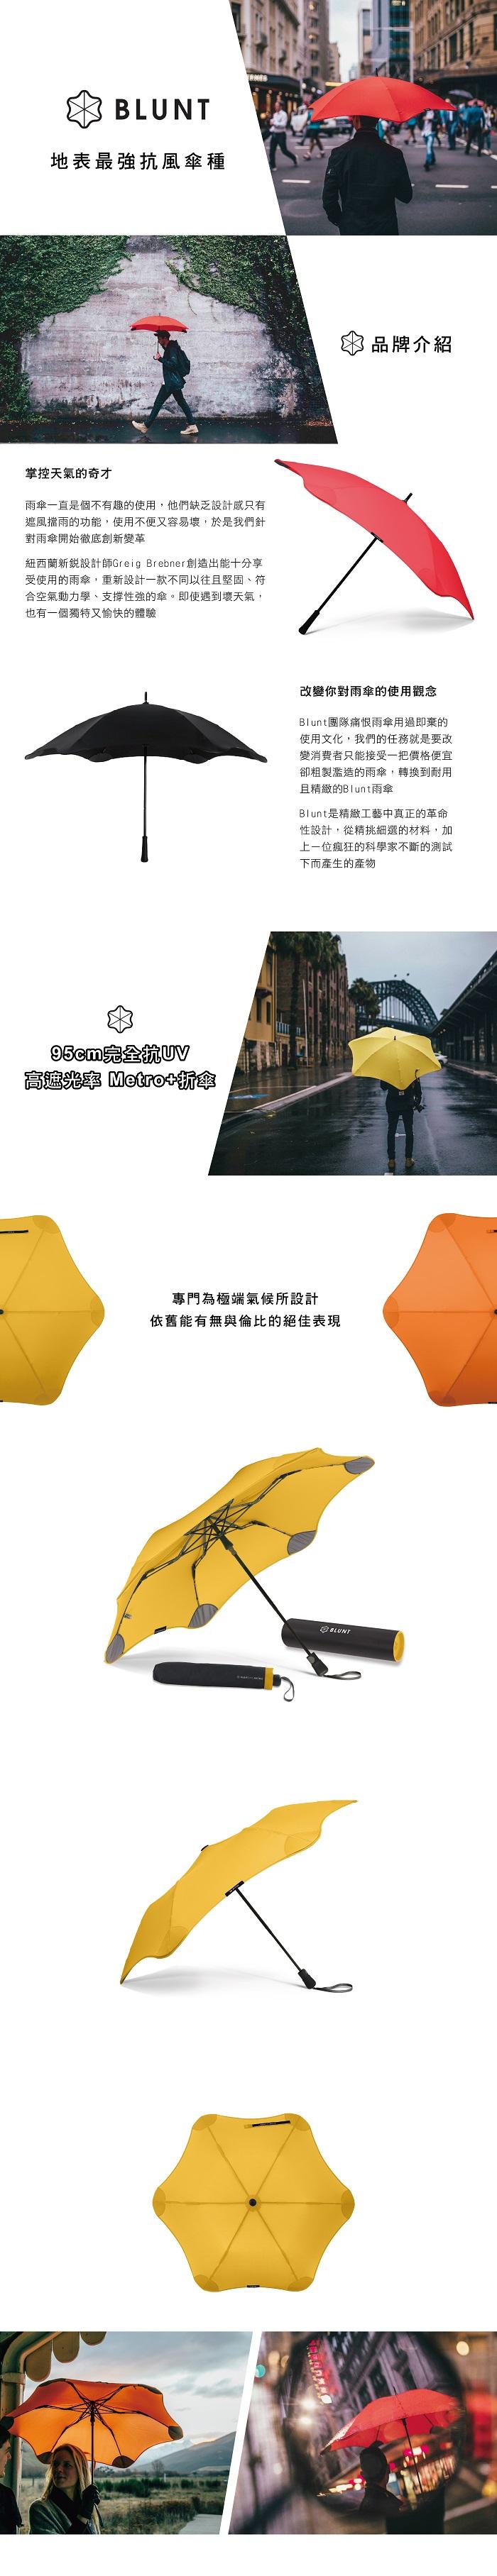 (複製)紐西蘭Blunt 保蘭特 | 95cm完全抗UV 高遮光率 Metro+ 折傘 (艷桃紅)